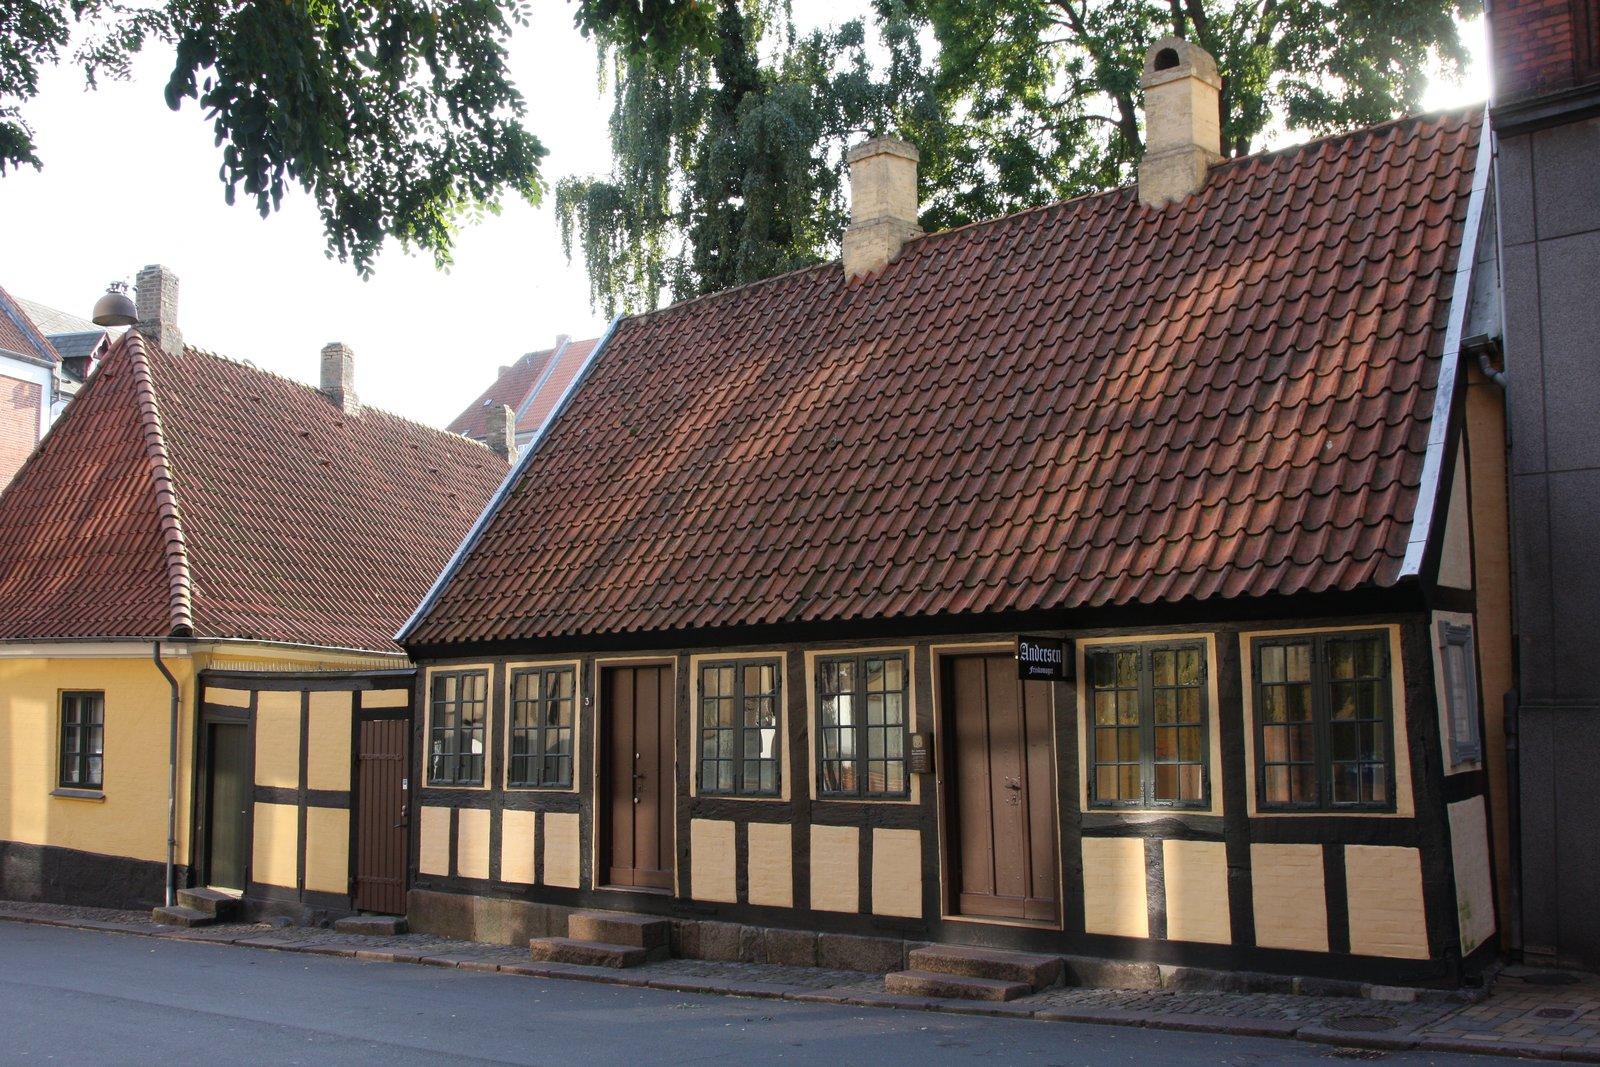 Dom zczasów dzieciństwa Hansa Christiana Andersena. Odense, Dania. Mieści się tu dziś muzeum. Dom zczasów dzieciństwa Hansa Christiana Andersena. Odense, Dania. Mieści się tu dziś muzeum. Źródło: Kåre Thor Olsen.